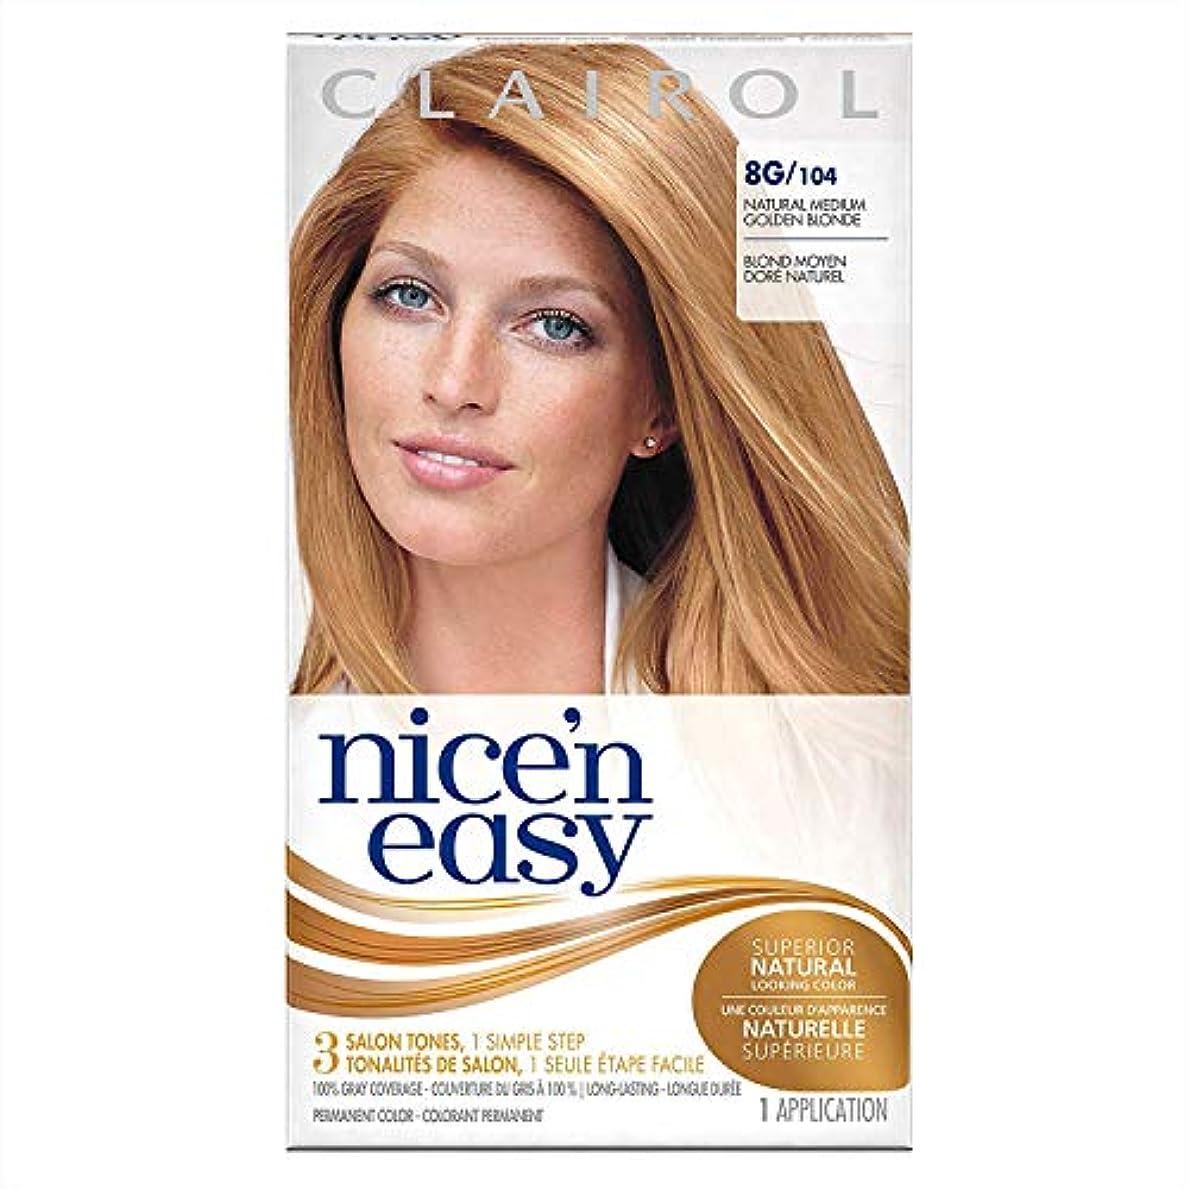 過言スノーケル真夜中海外直送品Clairol Nice N Easy Nice 'n Easy Hair Color 104 Natural Medium Golden Blonde, Medium Golden Blonde 1 each...